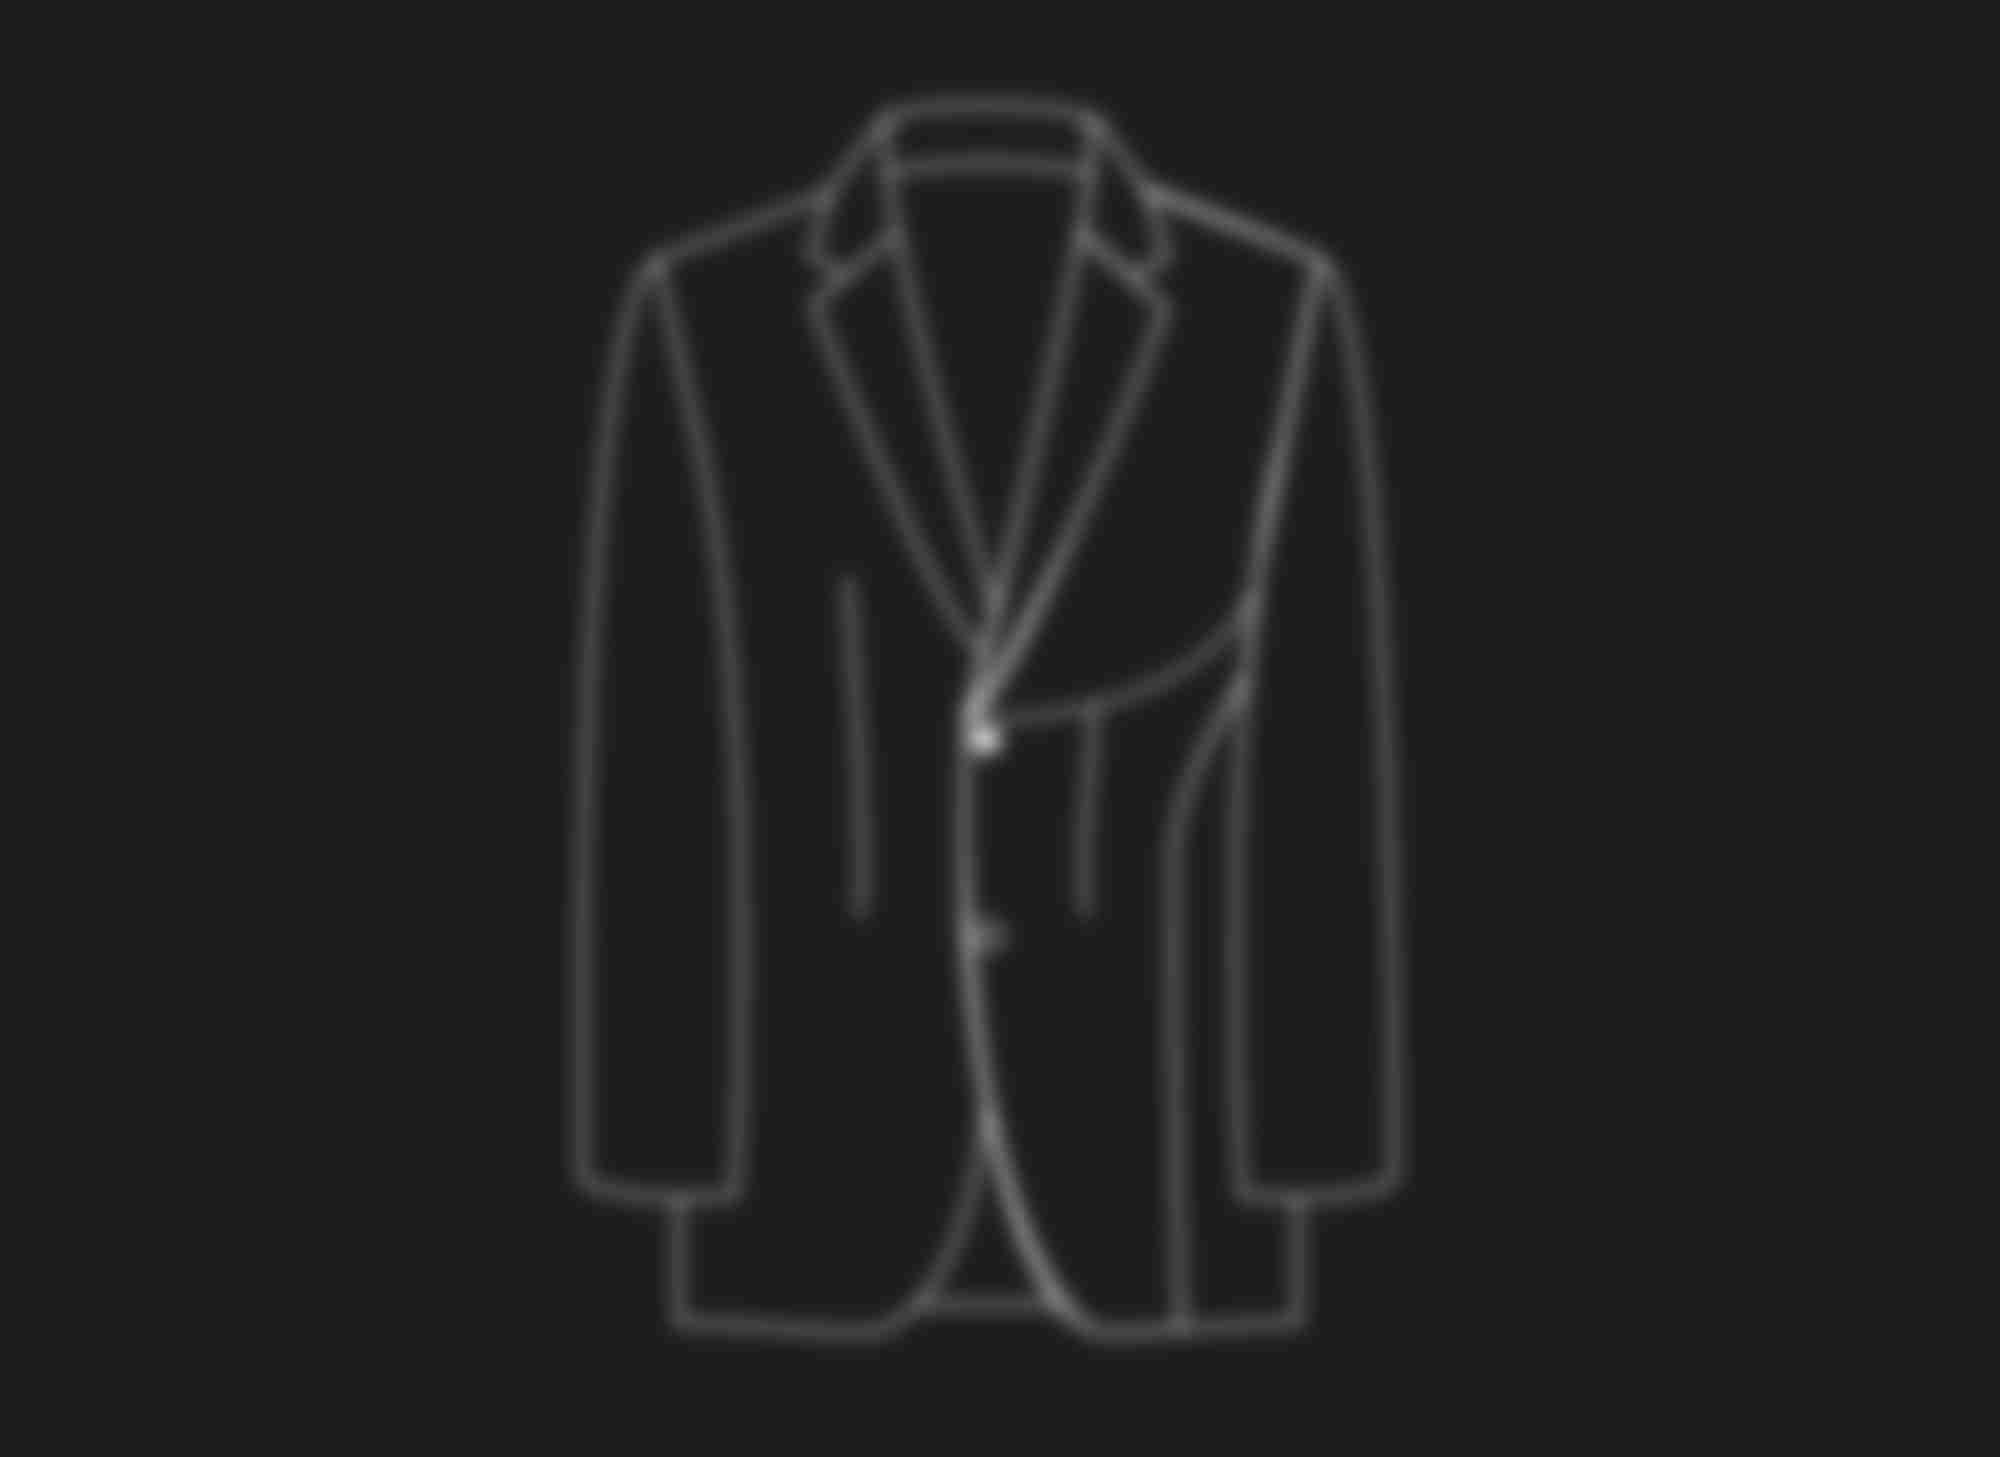 Schéma au trait illustrant la construction semi traditionnel des costumes et vestes sur-mesure Atelier Mesure